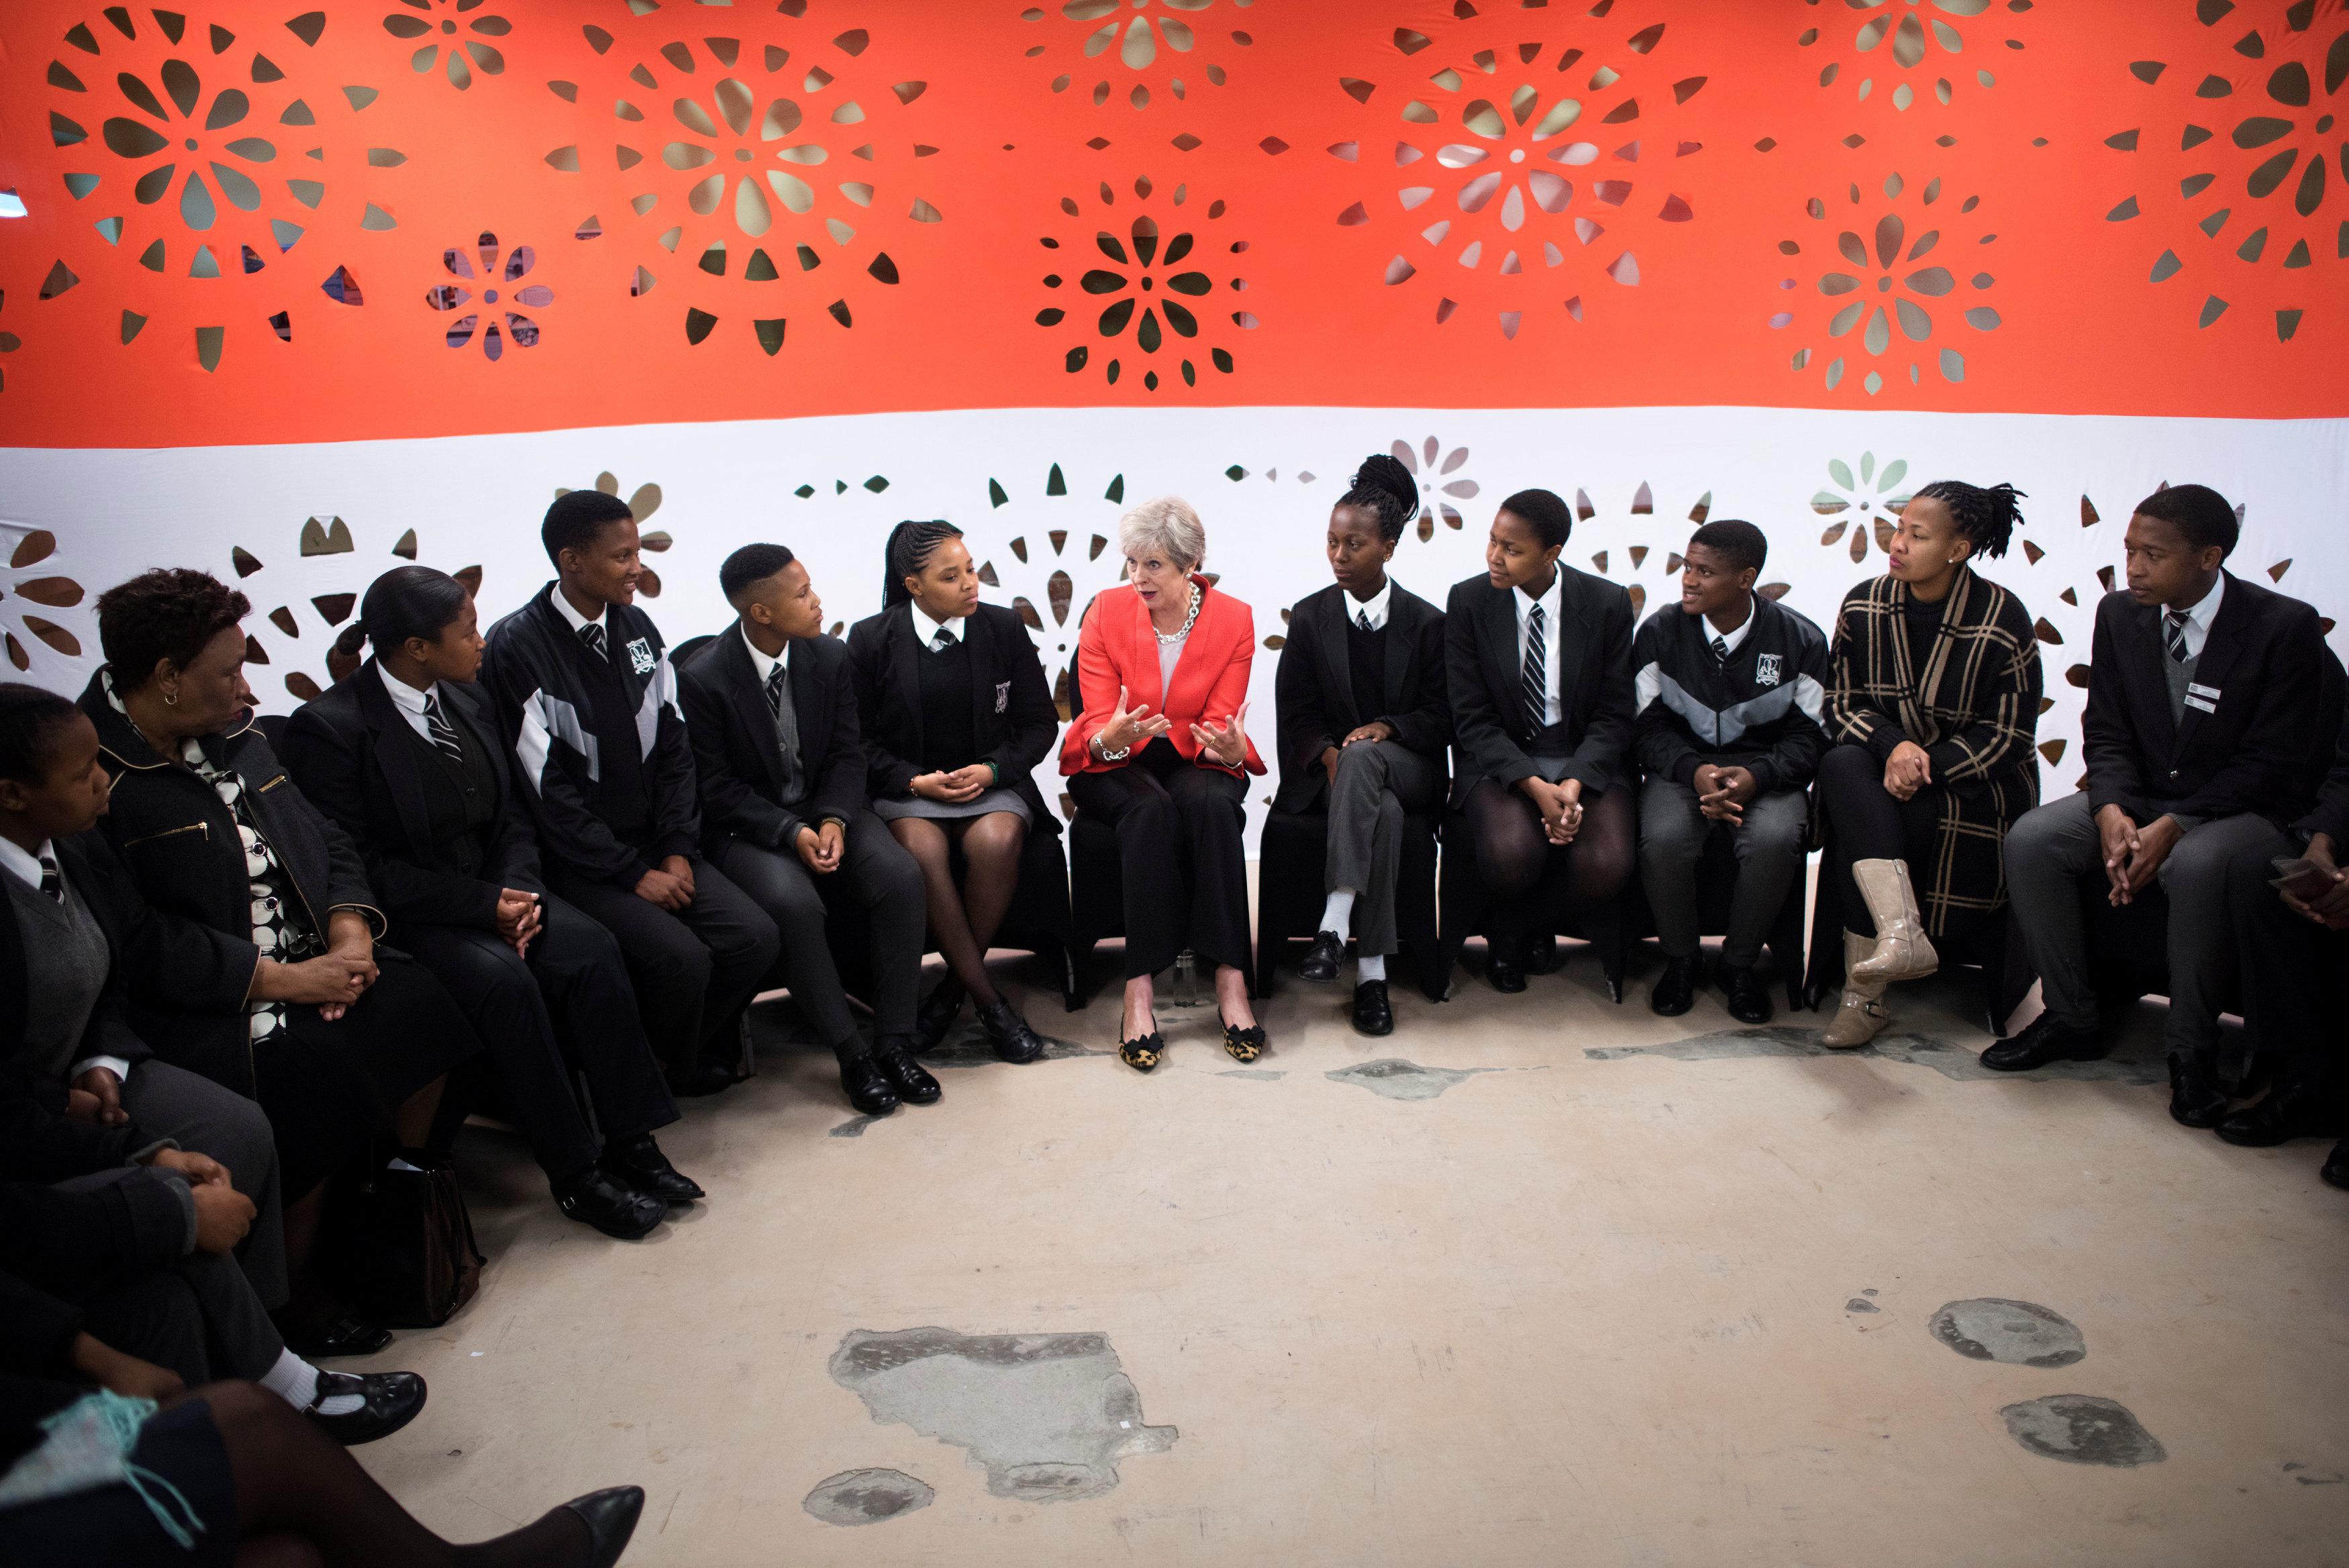 تيريزا ماى مع الطلاب